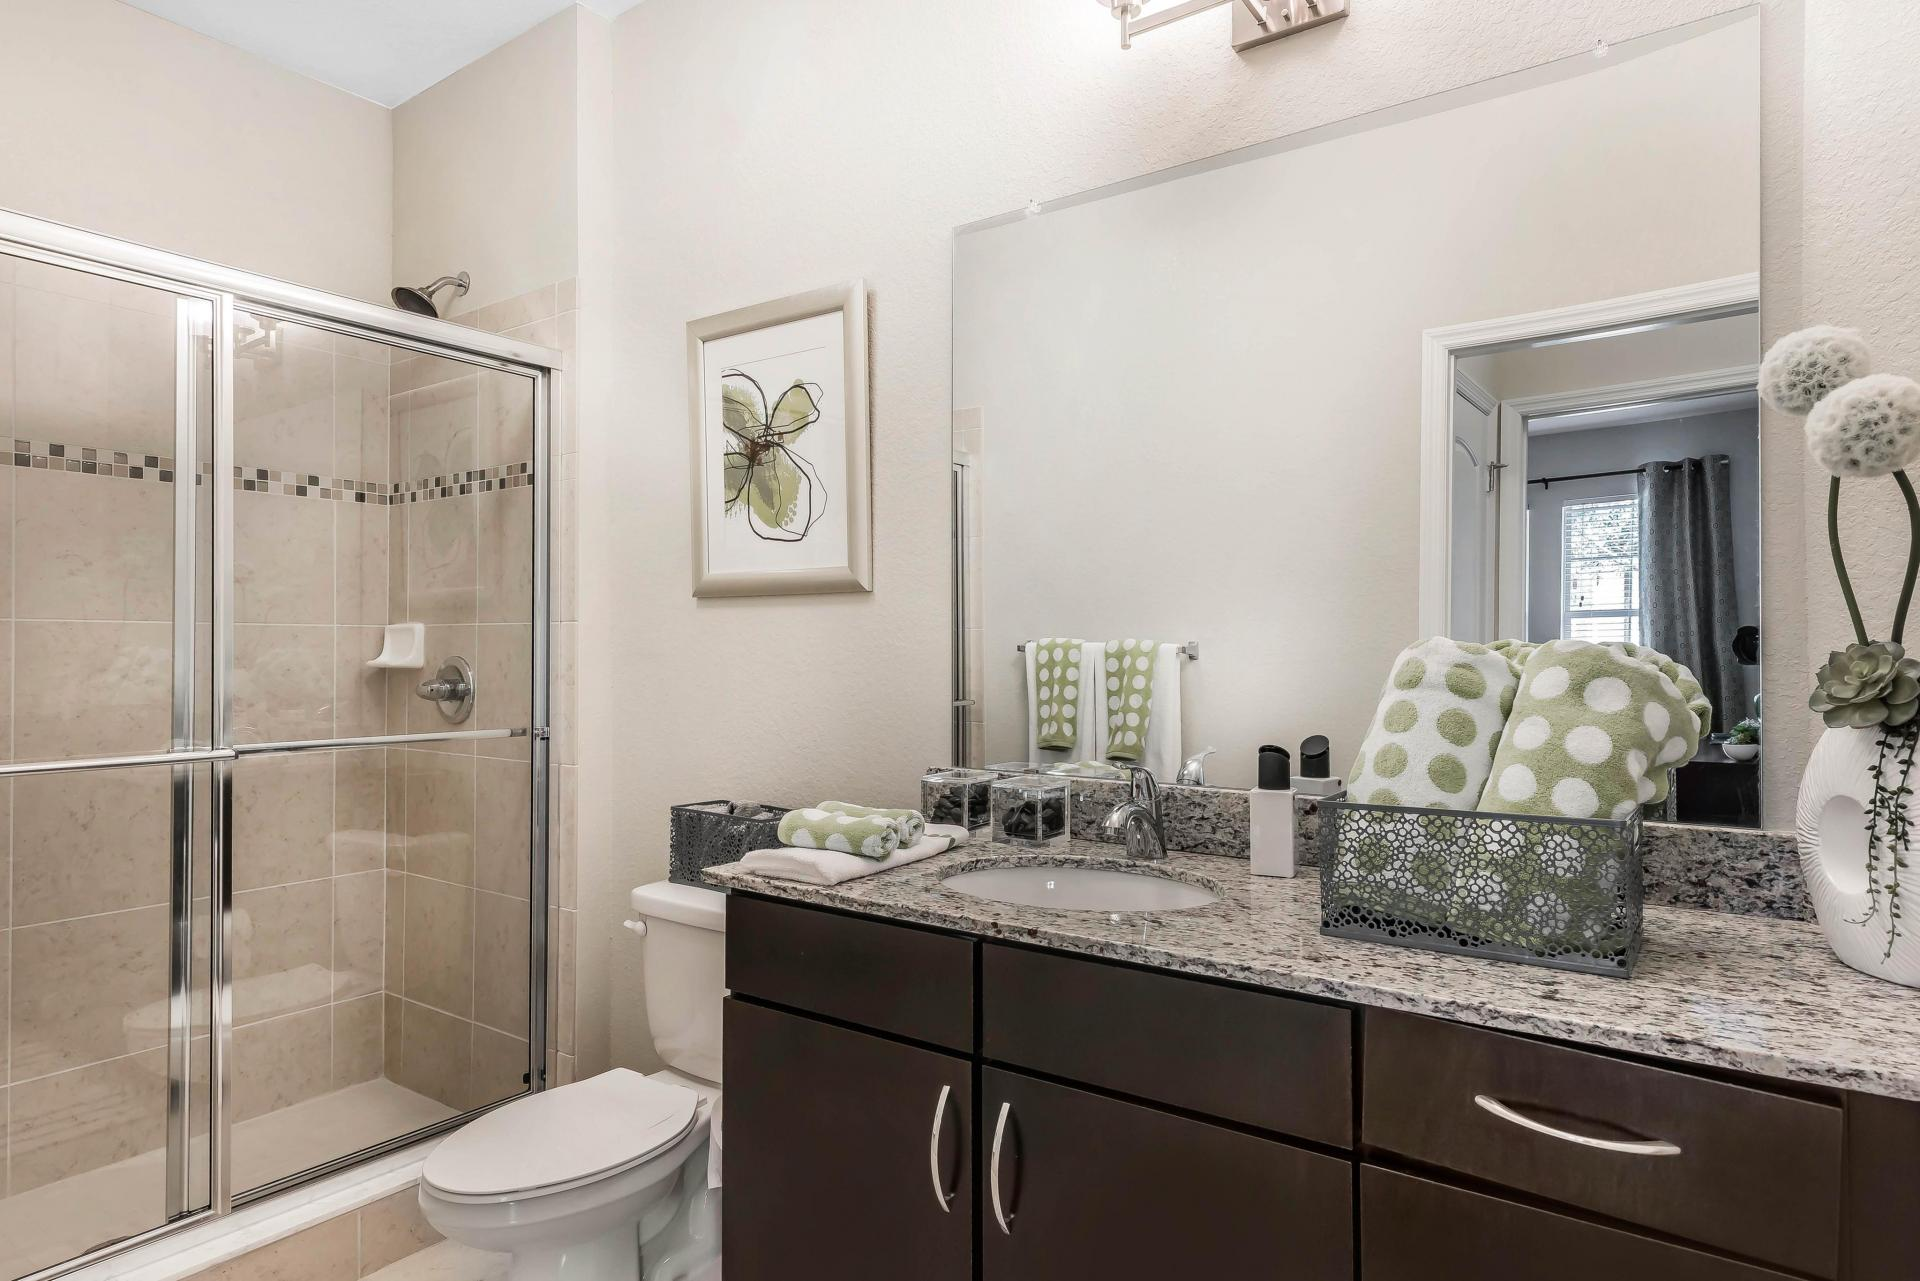 Bathroom at Citra Windermere Apartments